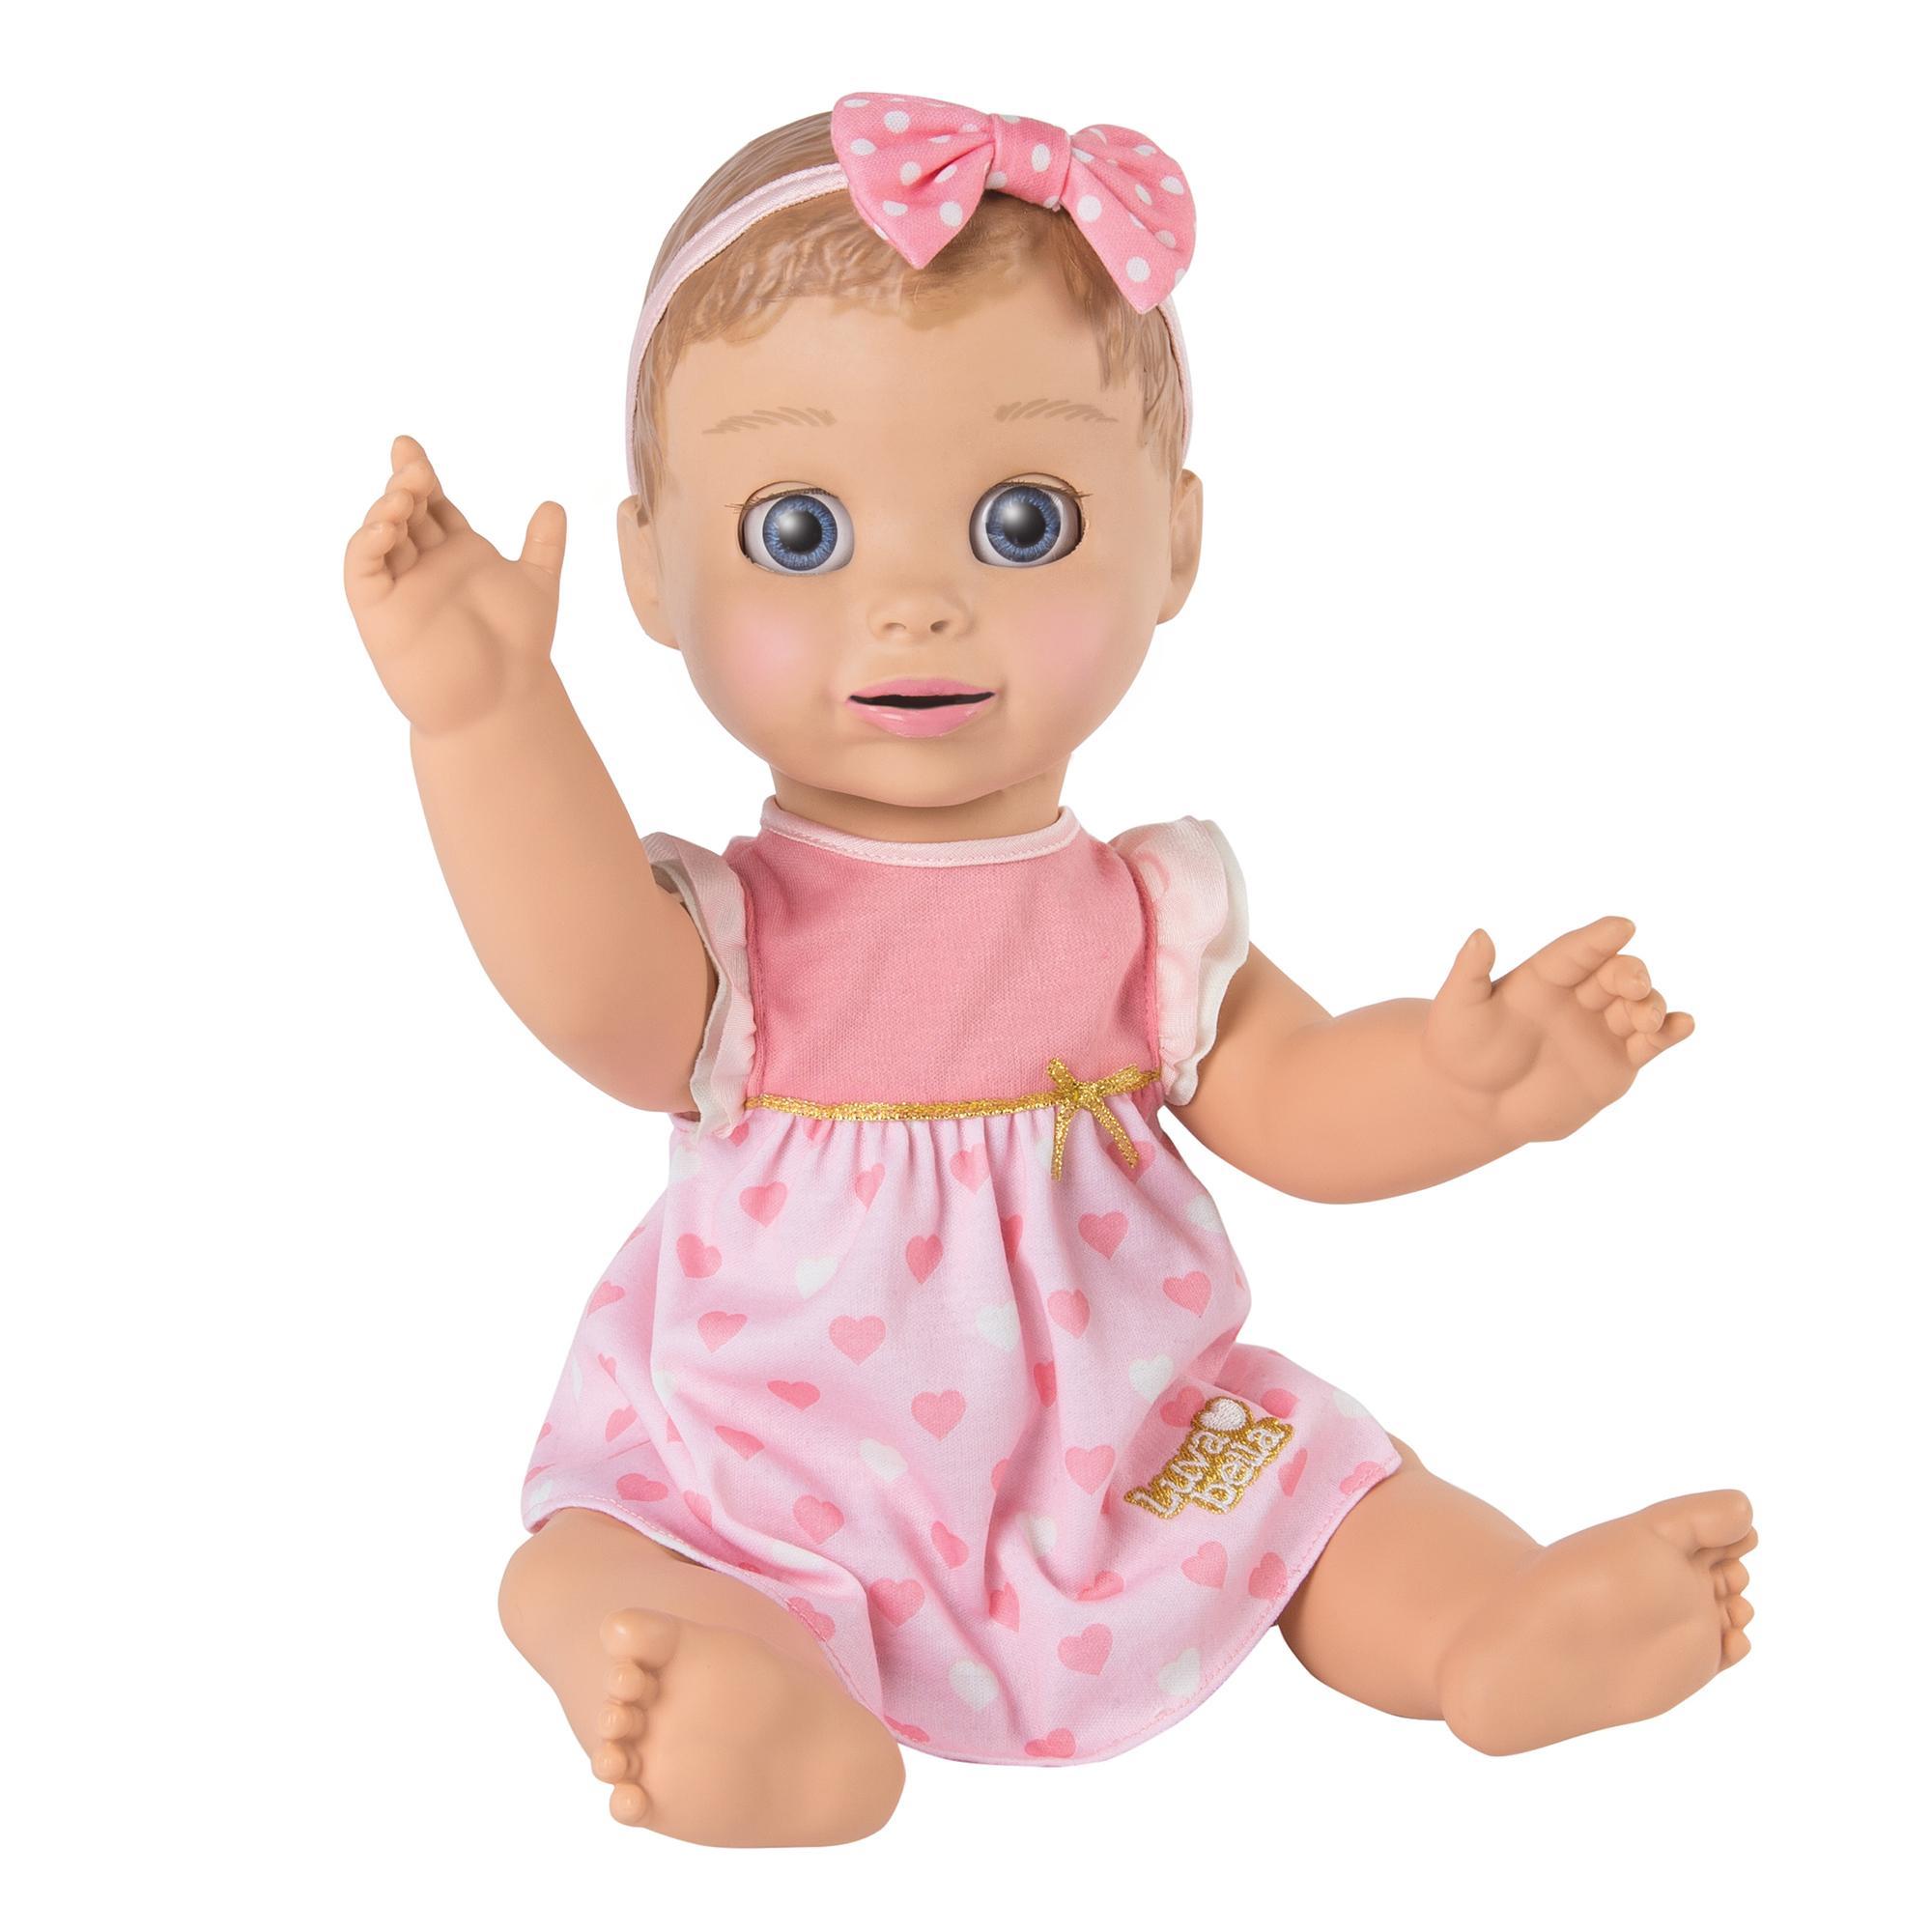 Hamleys - Luvabella Blonde Doll - £105.50 Delivered BACK IN STOCK